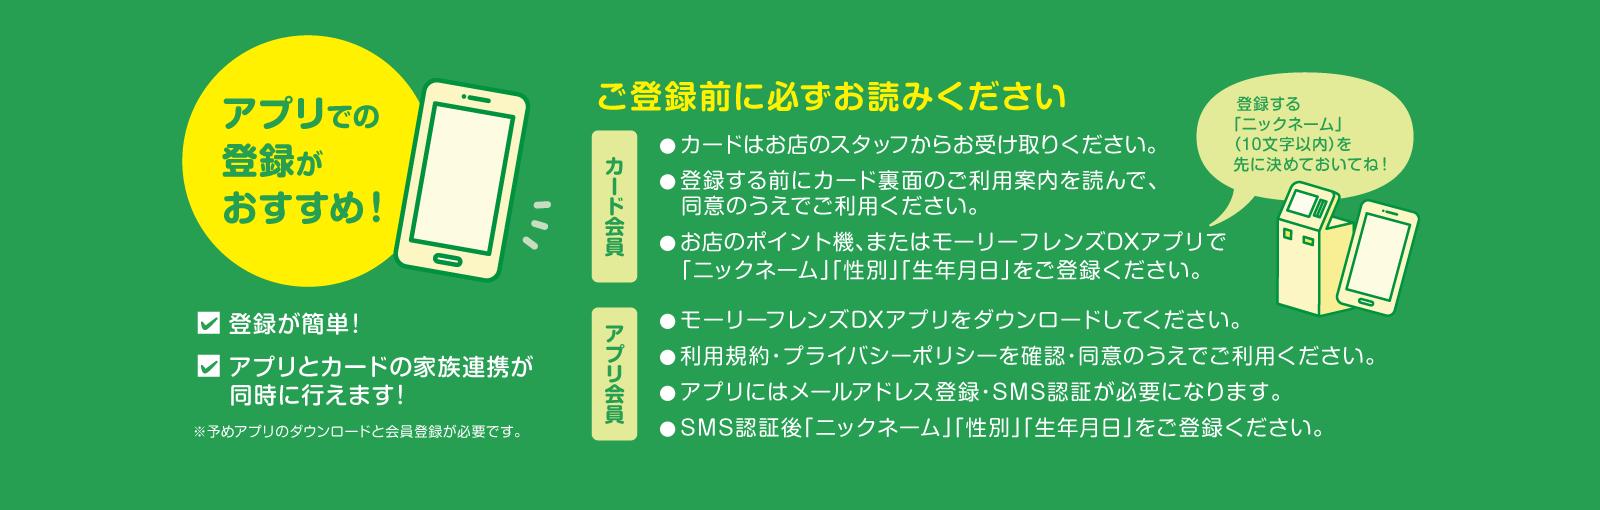 モーリーフレンズDX(デラックス)はアプリでの登録がおすすめ!登録前にお読みください